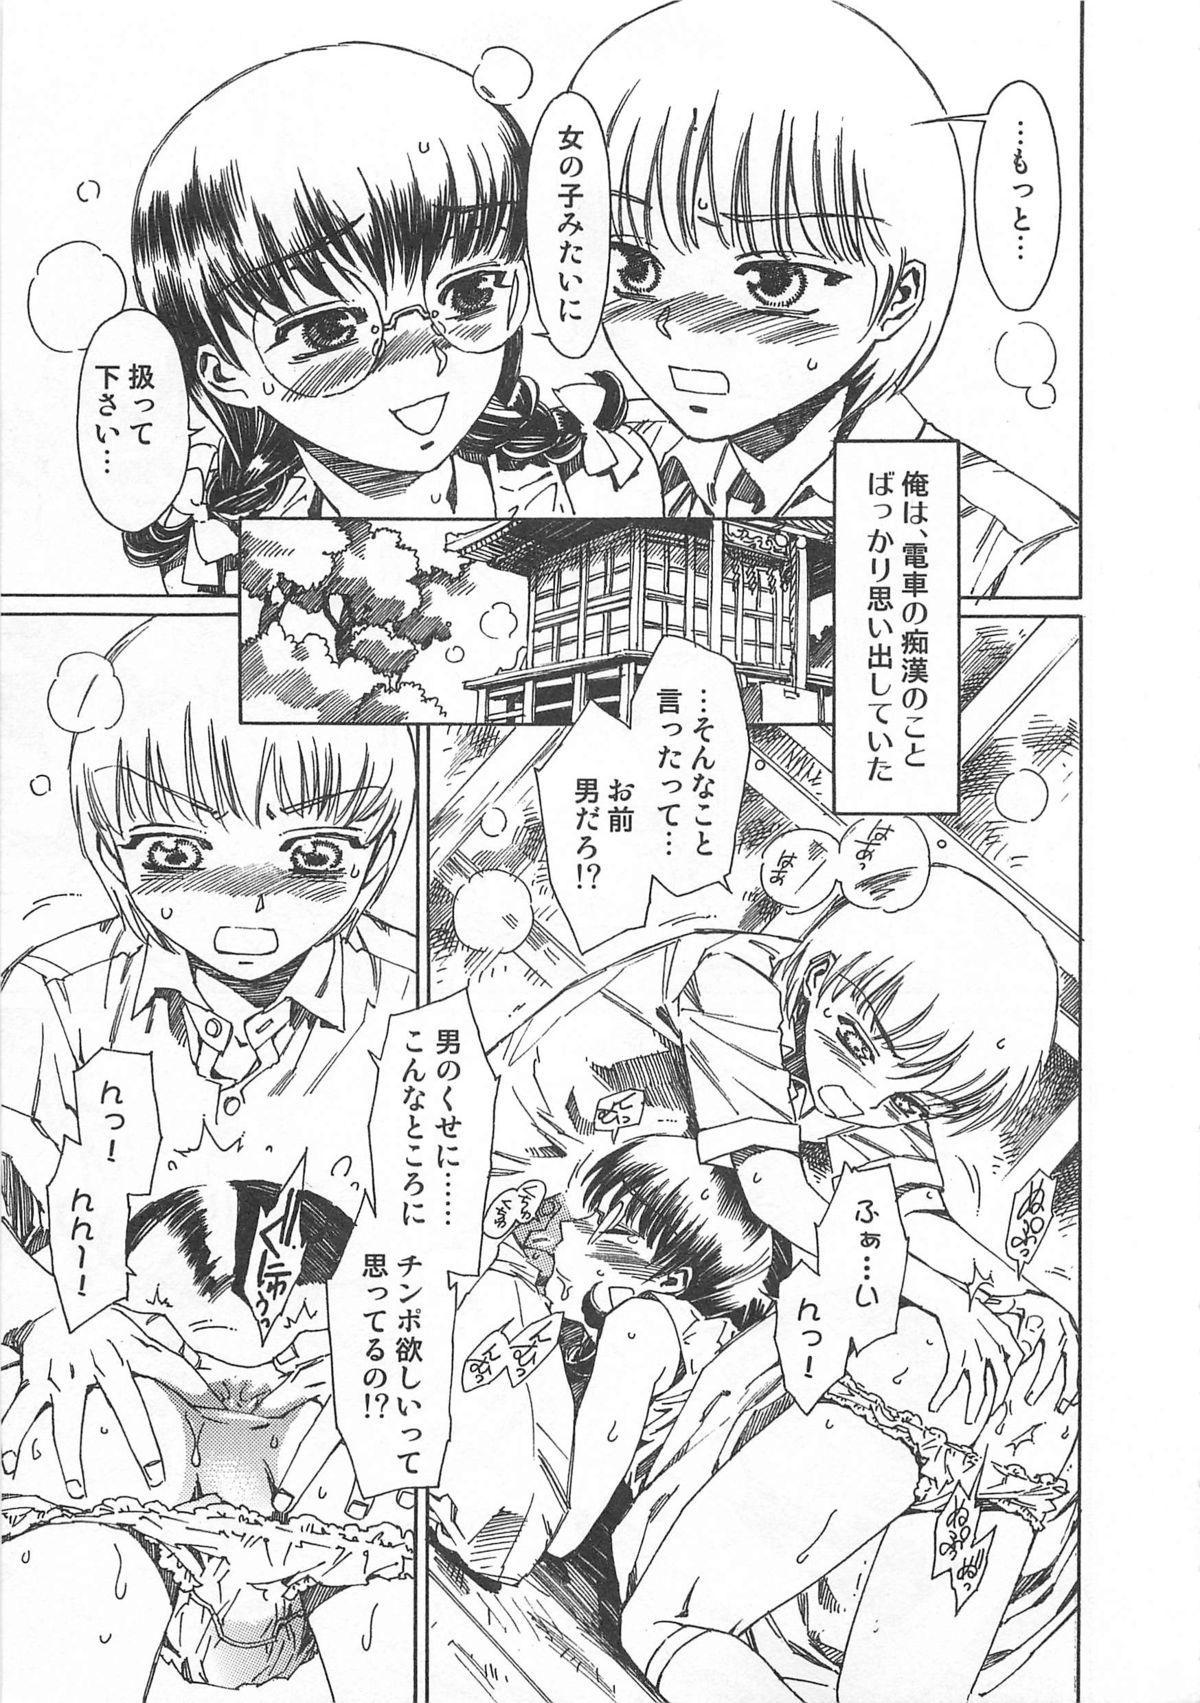 Otokonoko HEAVEN Vol. 01 Meganekko 41